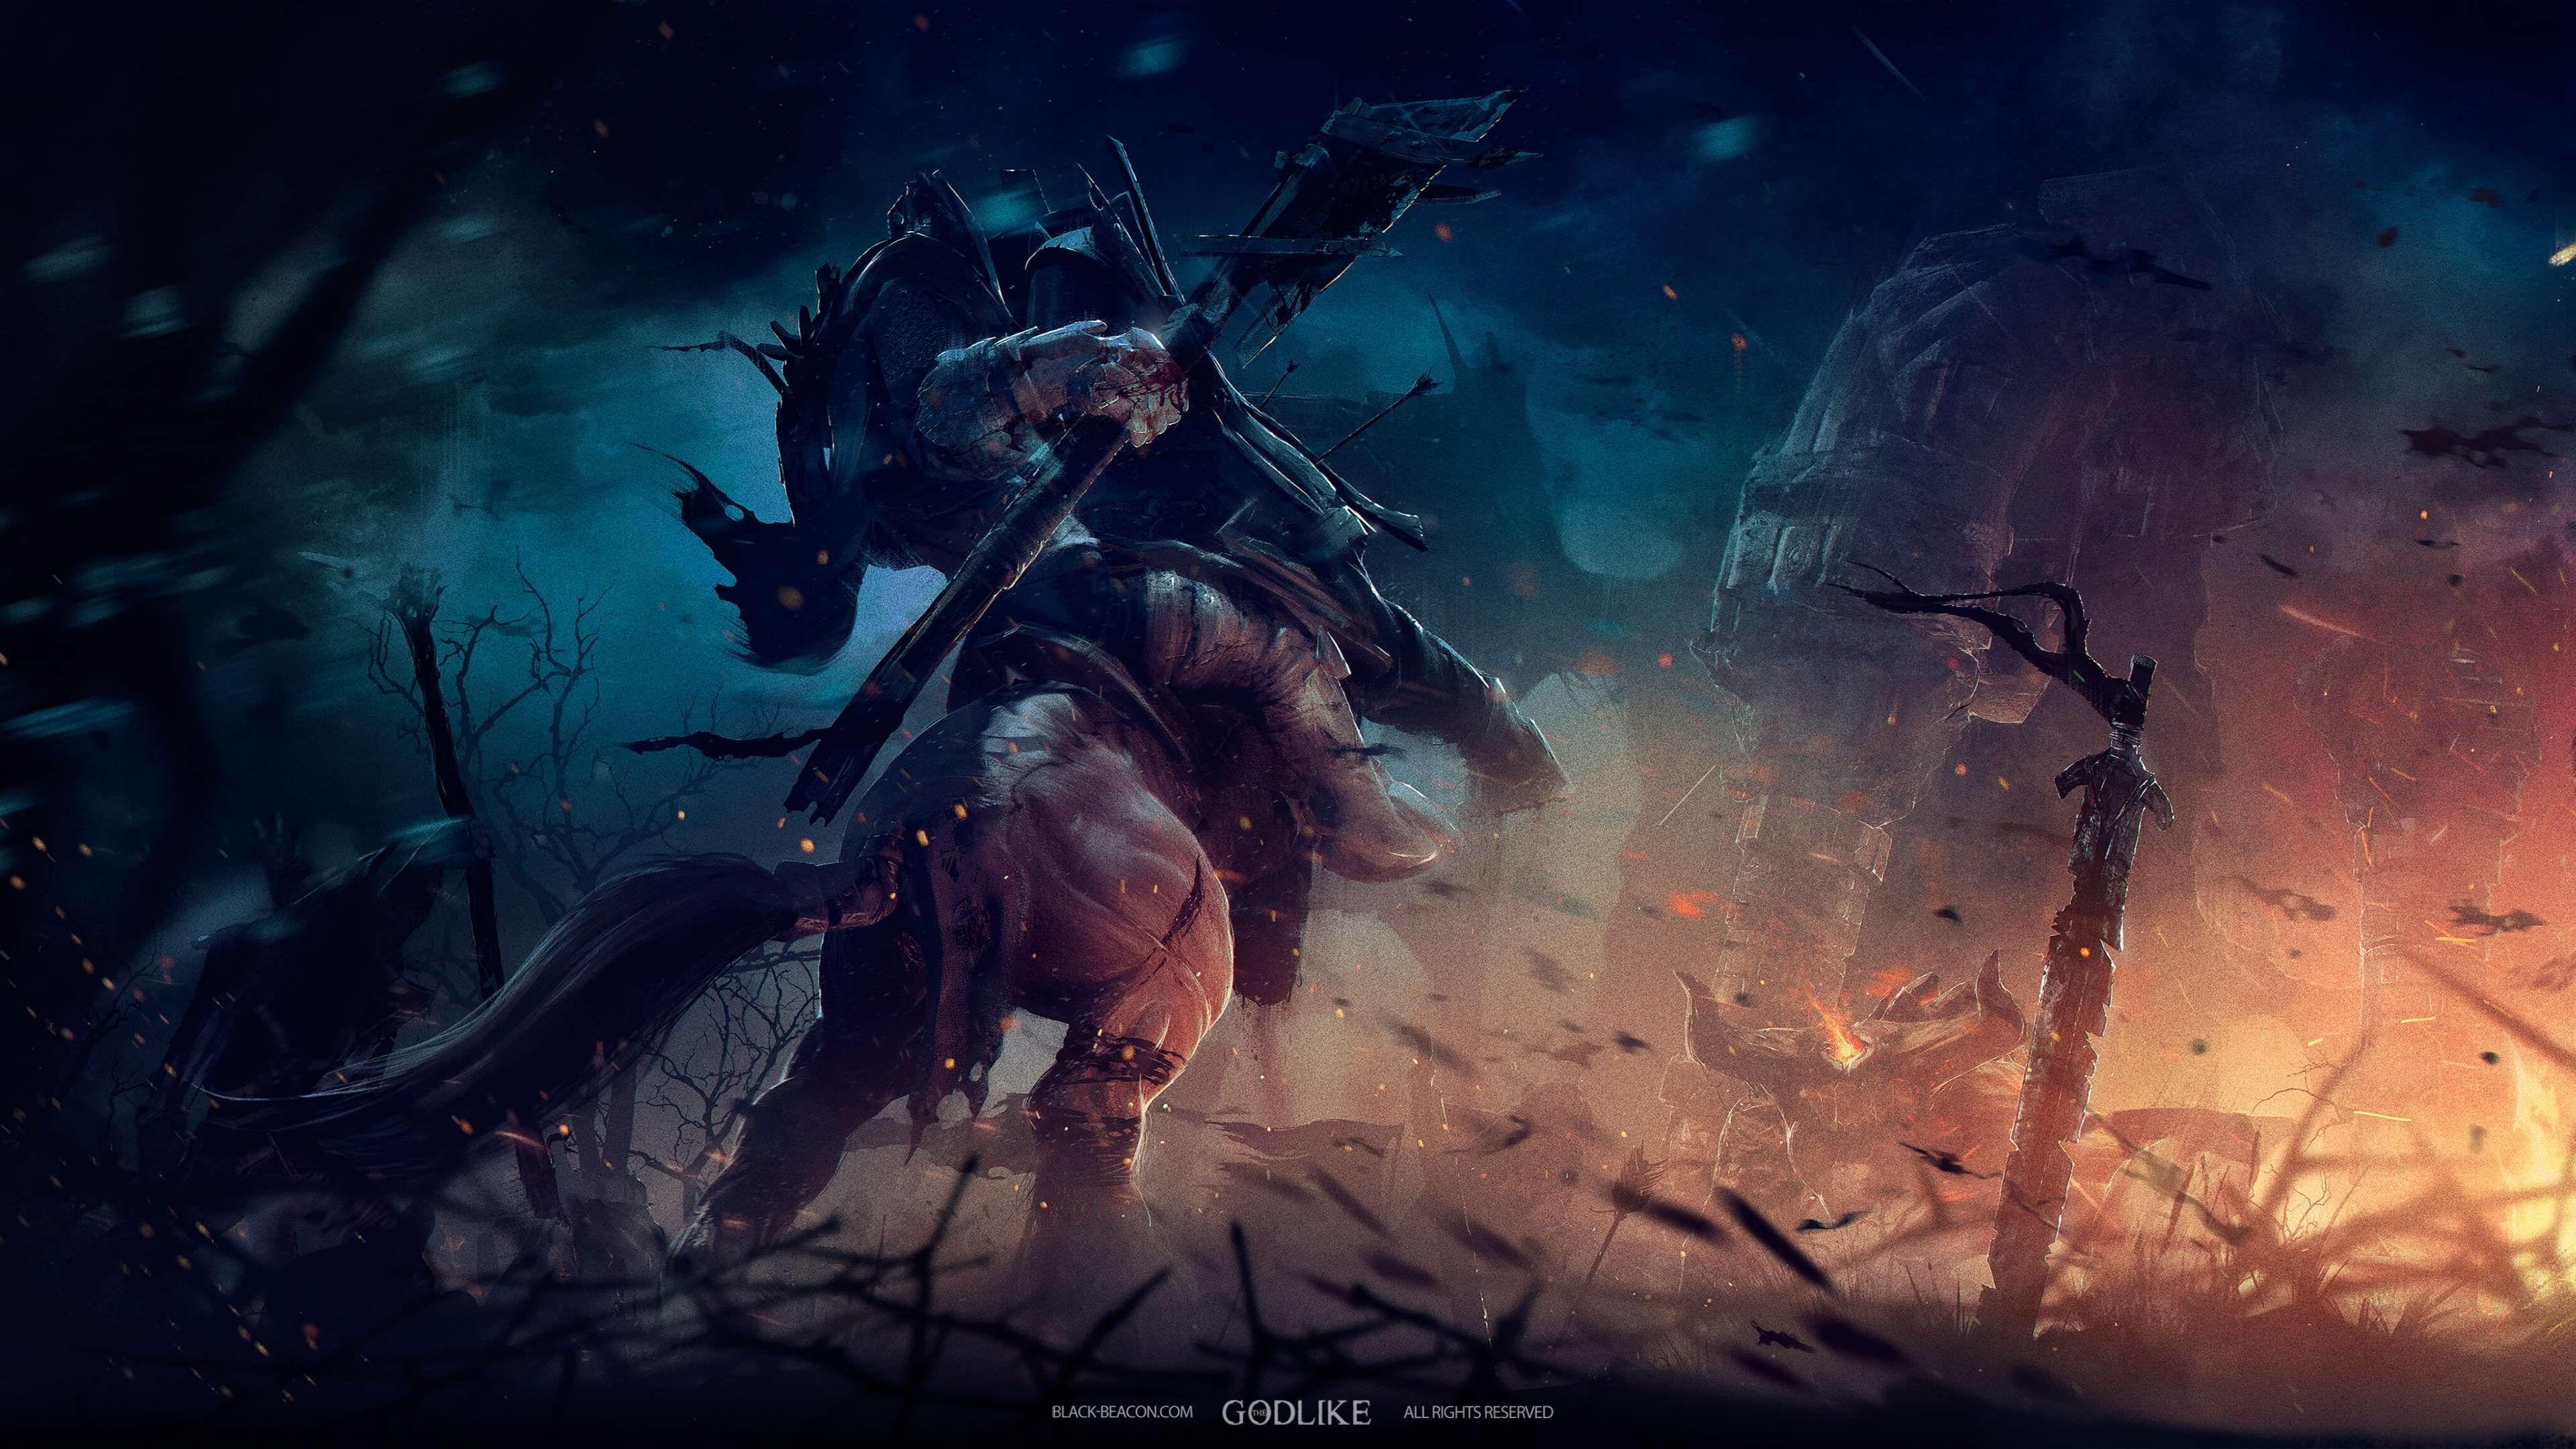 3840x2160 4k Battle Black Beacon Games Moba The Godlike 4k Wallpaper Jpg 741 Kb